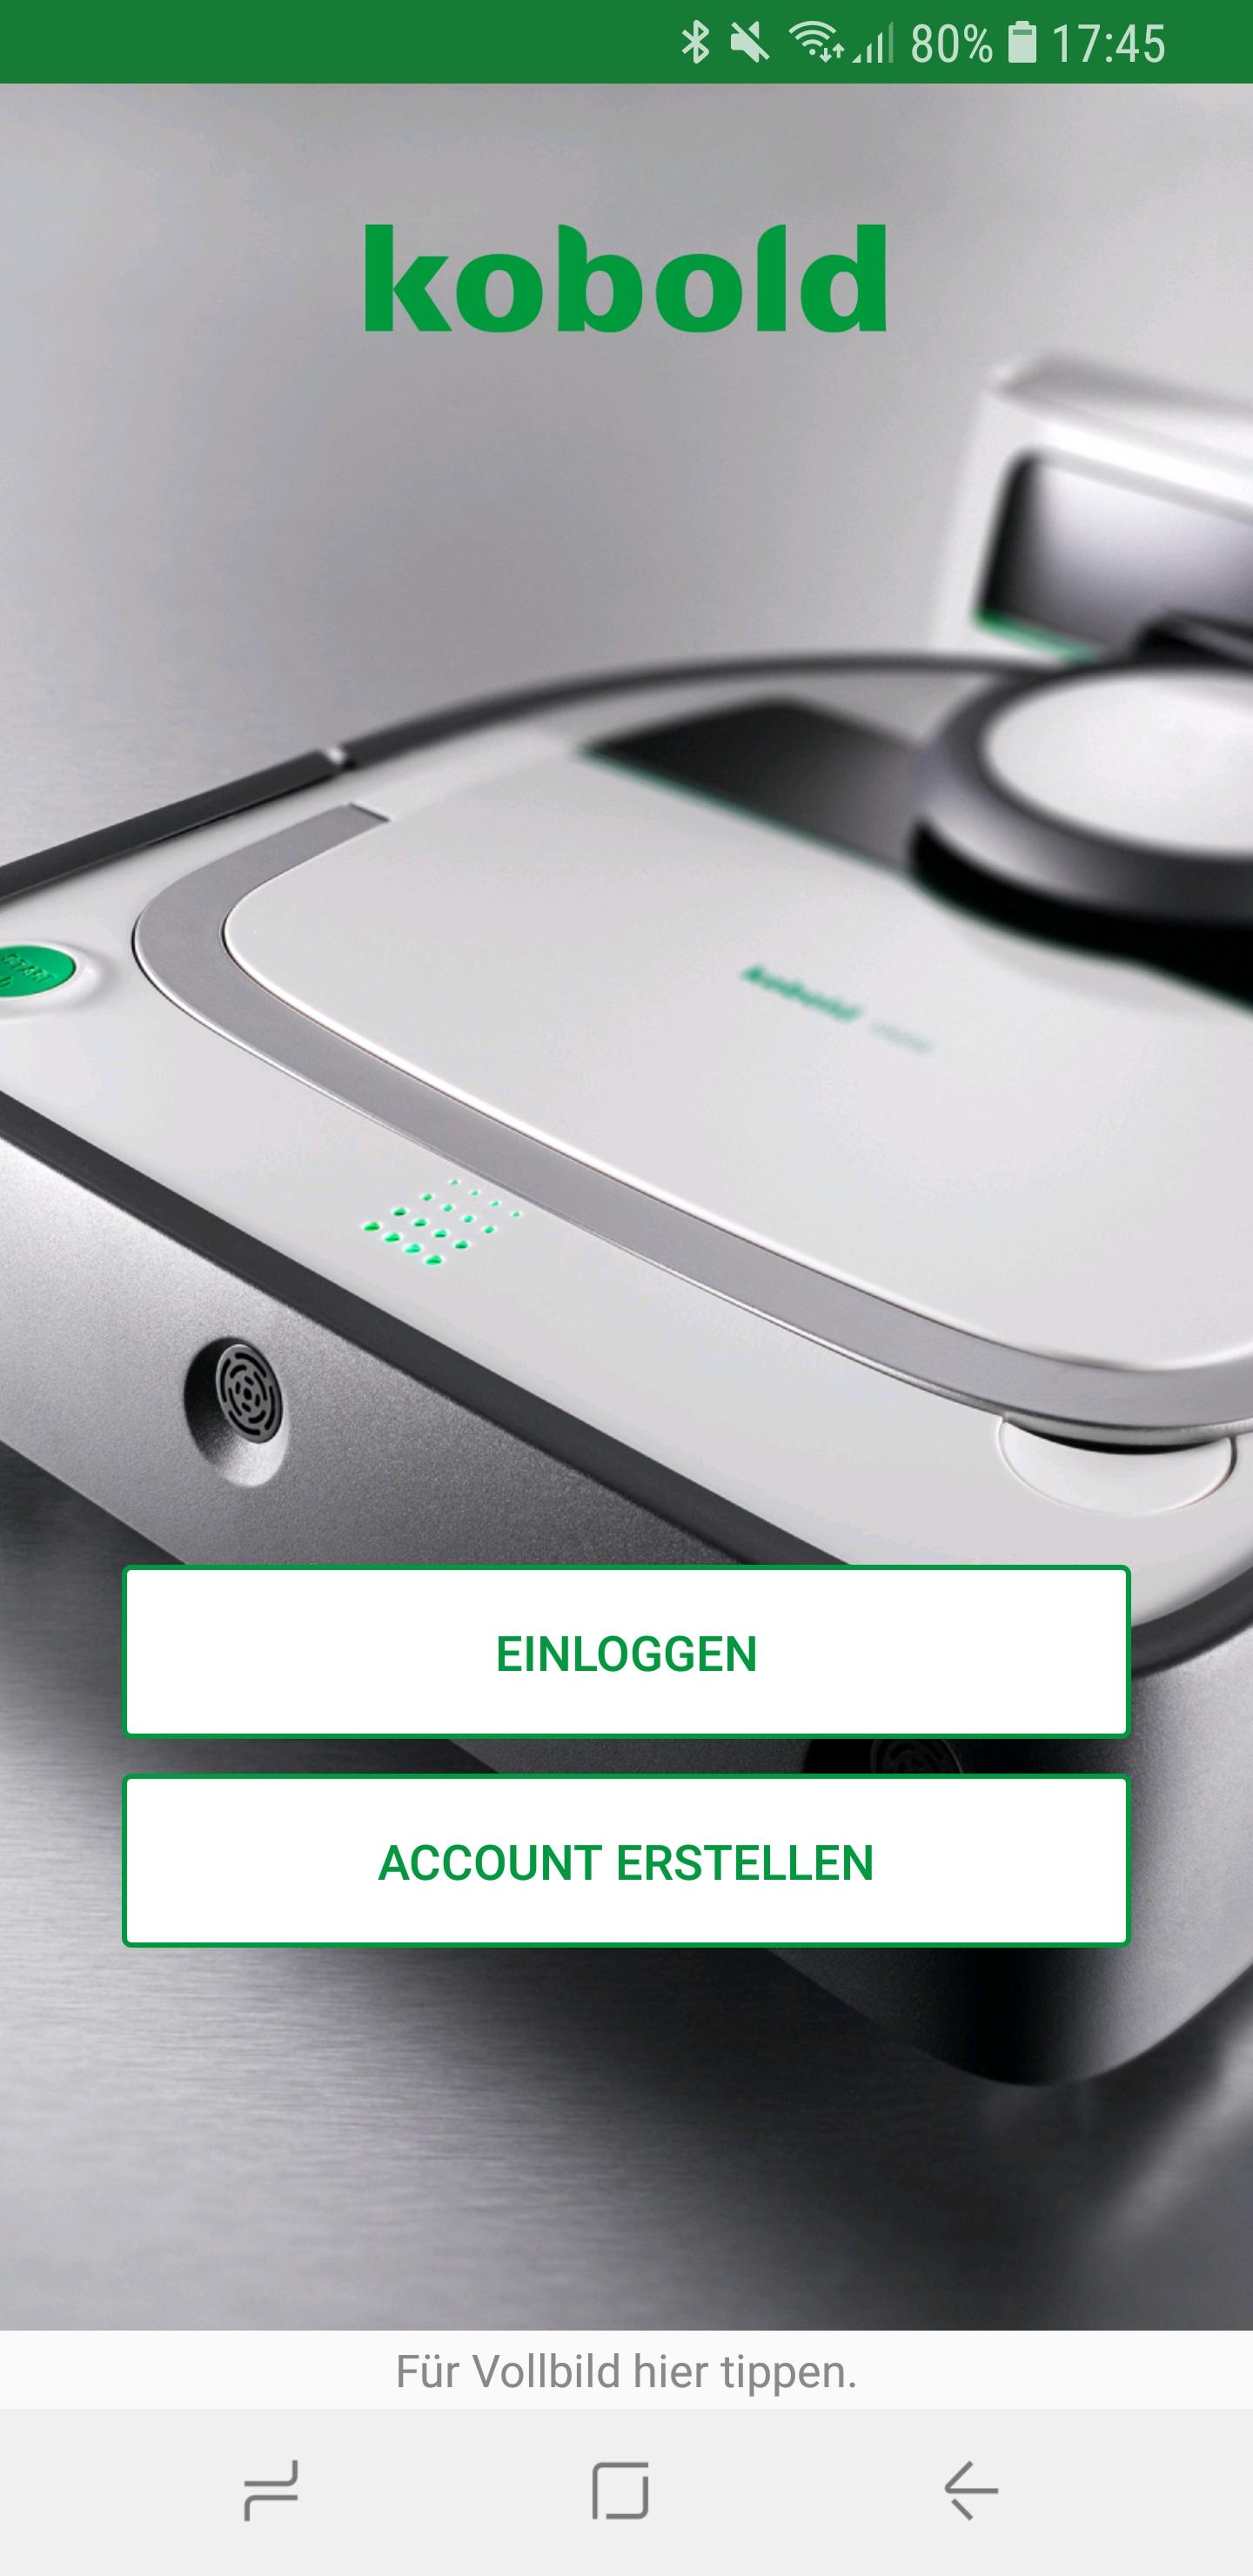 Vorwerk Kobold App installieren und Account einrichten 03